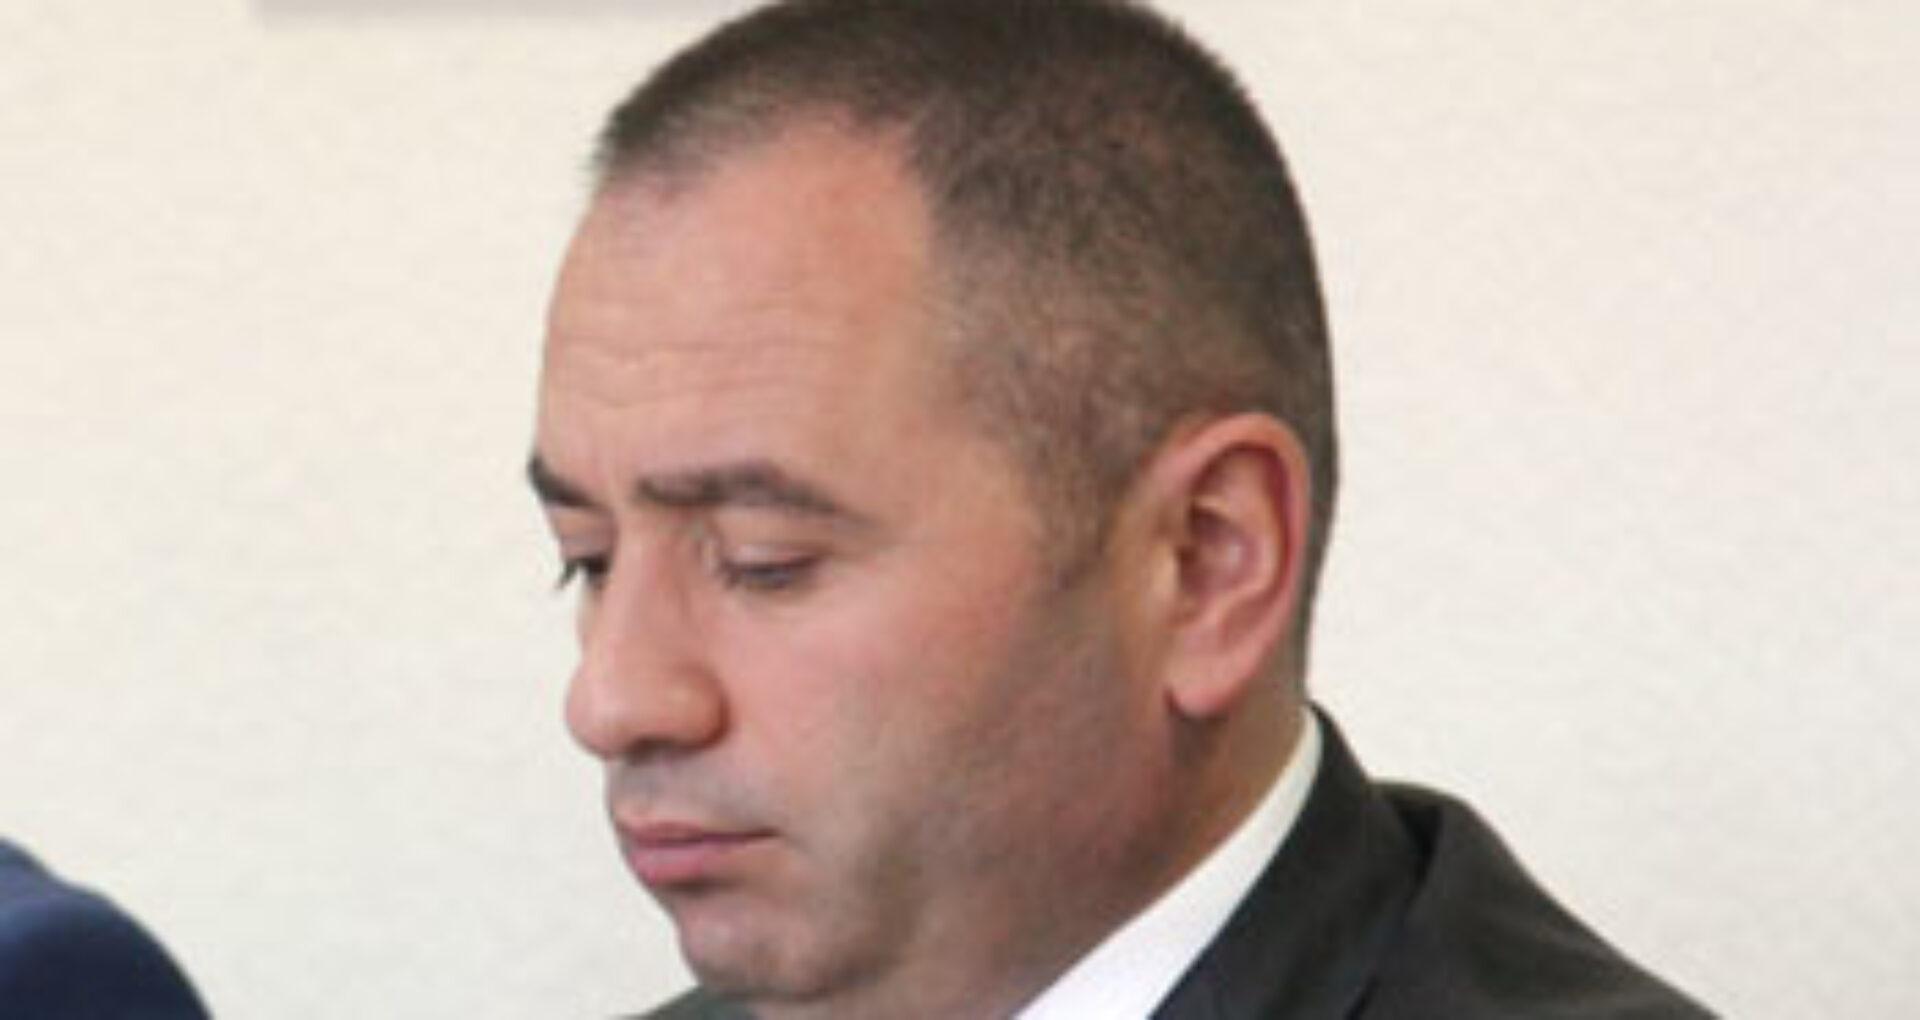 Prima reacție a Procuraturii care investighează circumstanțele decesului lui Iurii Luncașu